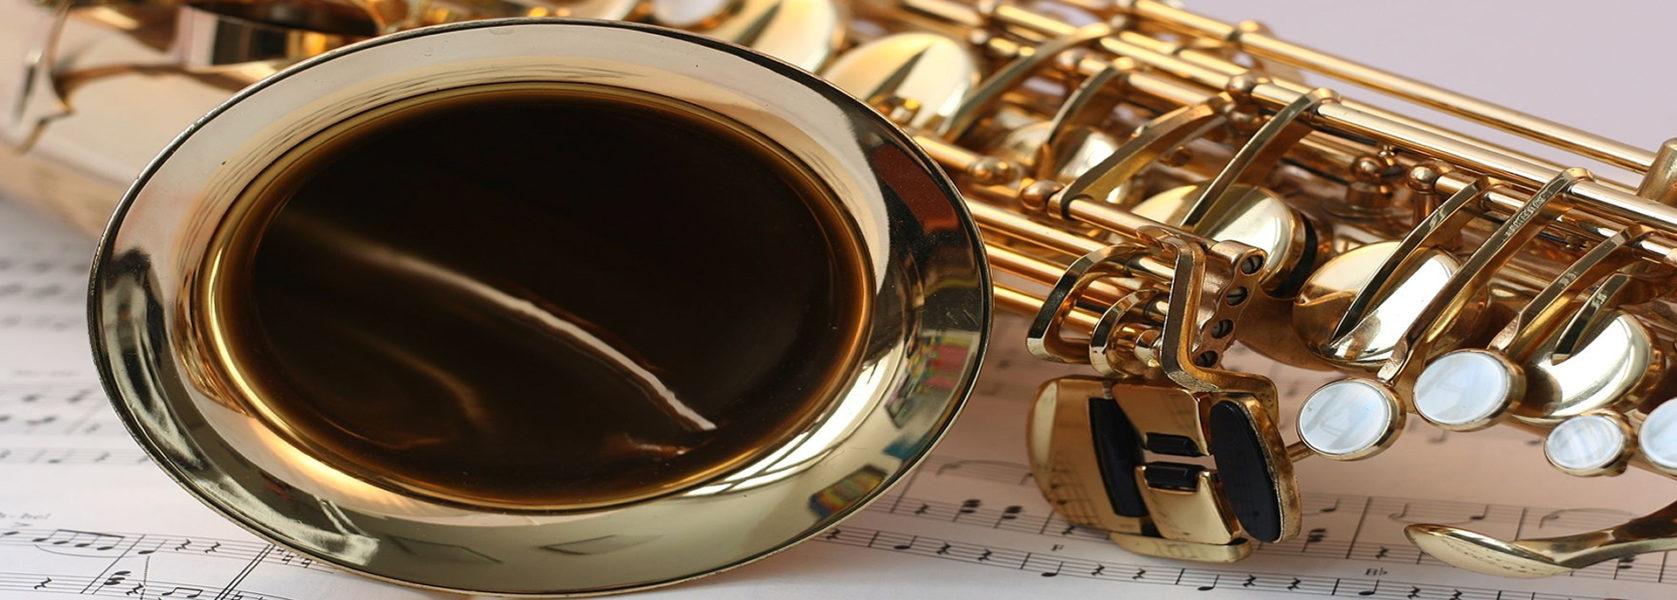 Schutz für Wertvolles. Wie wertvoll ein Musikinstrument ist, wissen diejenigen am Besten, die ein Instrument spielen. Die Musikinstrumenten-Versicherung bietet umfassenden Schutz für den speziellen Bedarf von Musikern und Ihren Instrumenten.